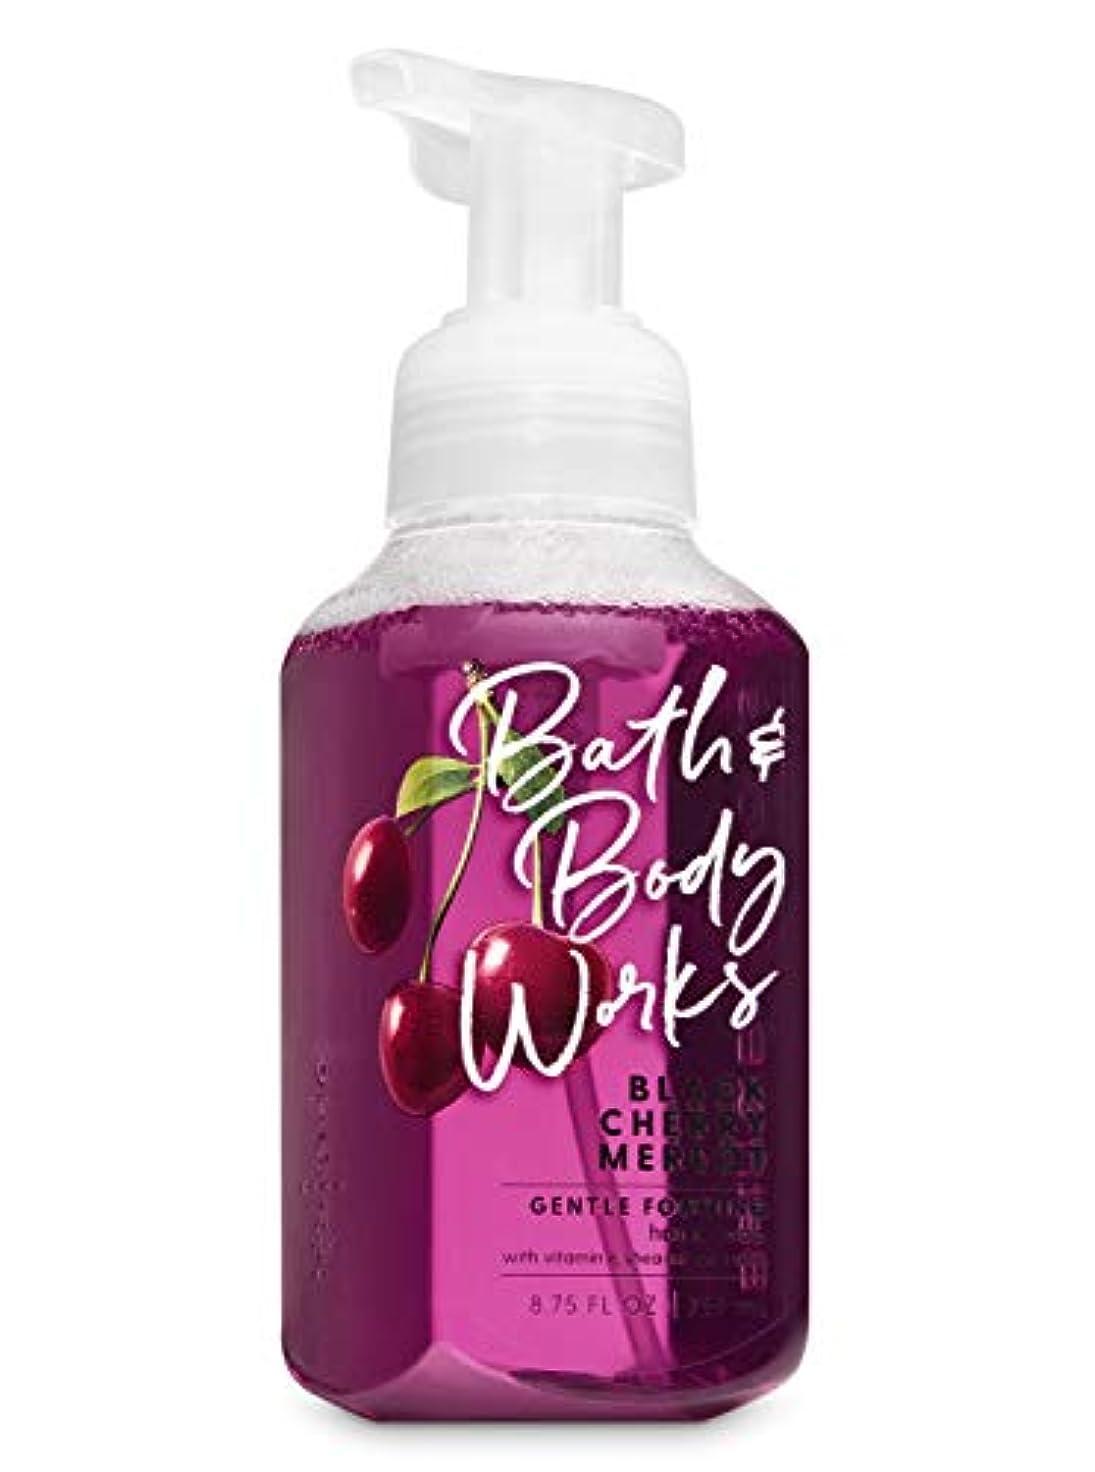 バス&ボディワークス ブラックチェリー マーロット ジェントル フォーミング ハンドソープ Black Cherry Merlot Gentle Foaming Hand Soap